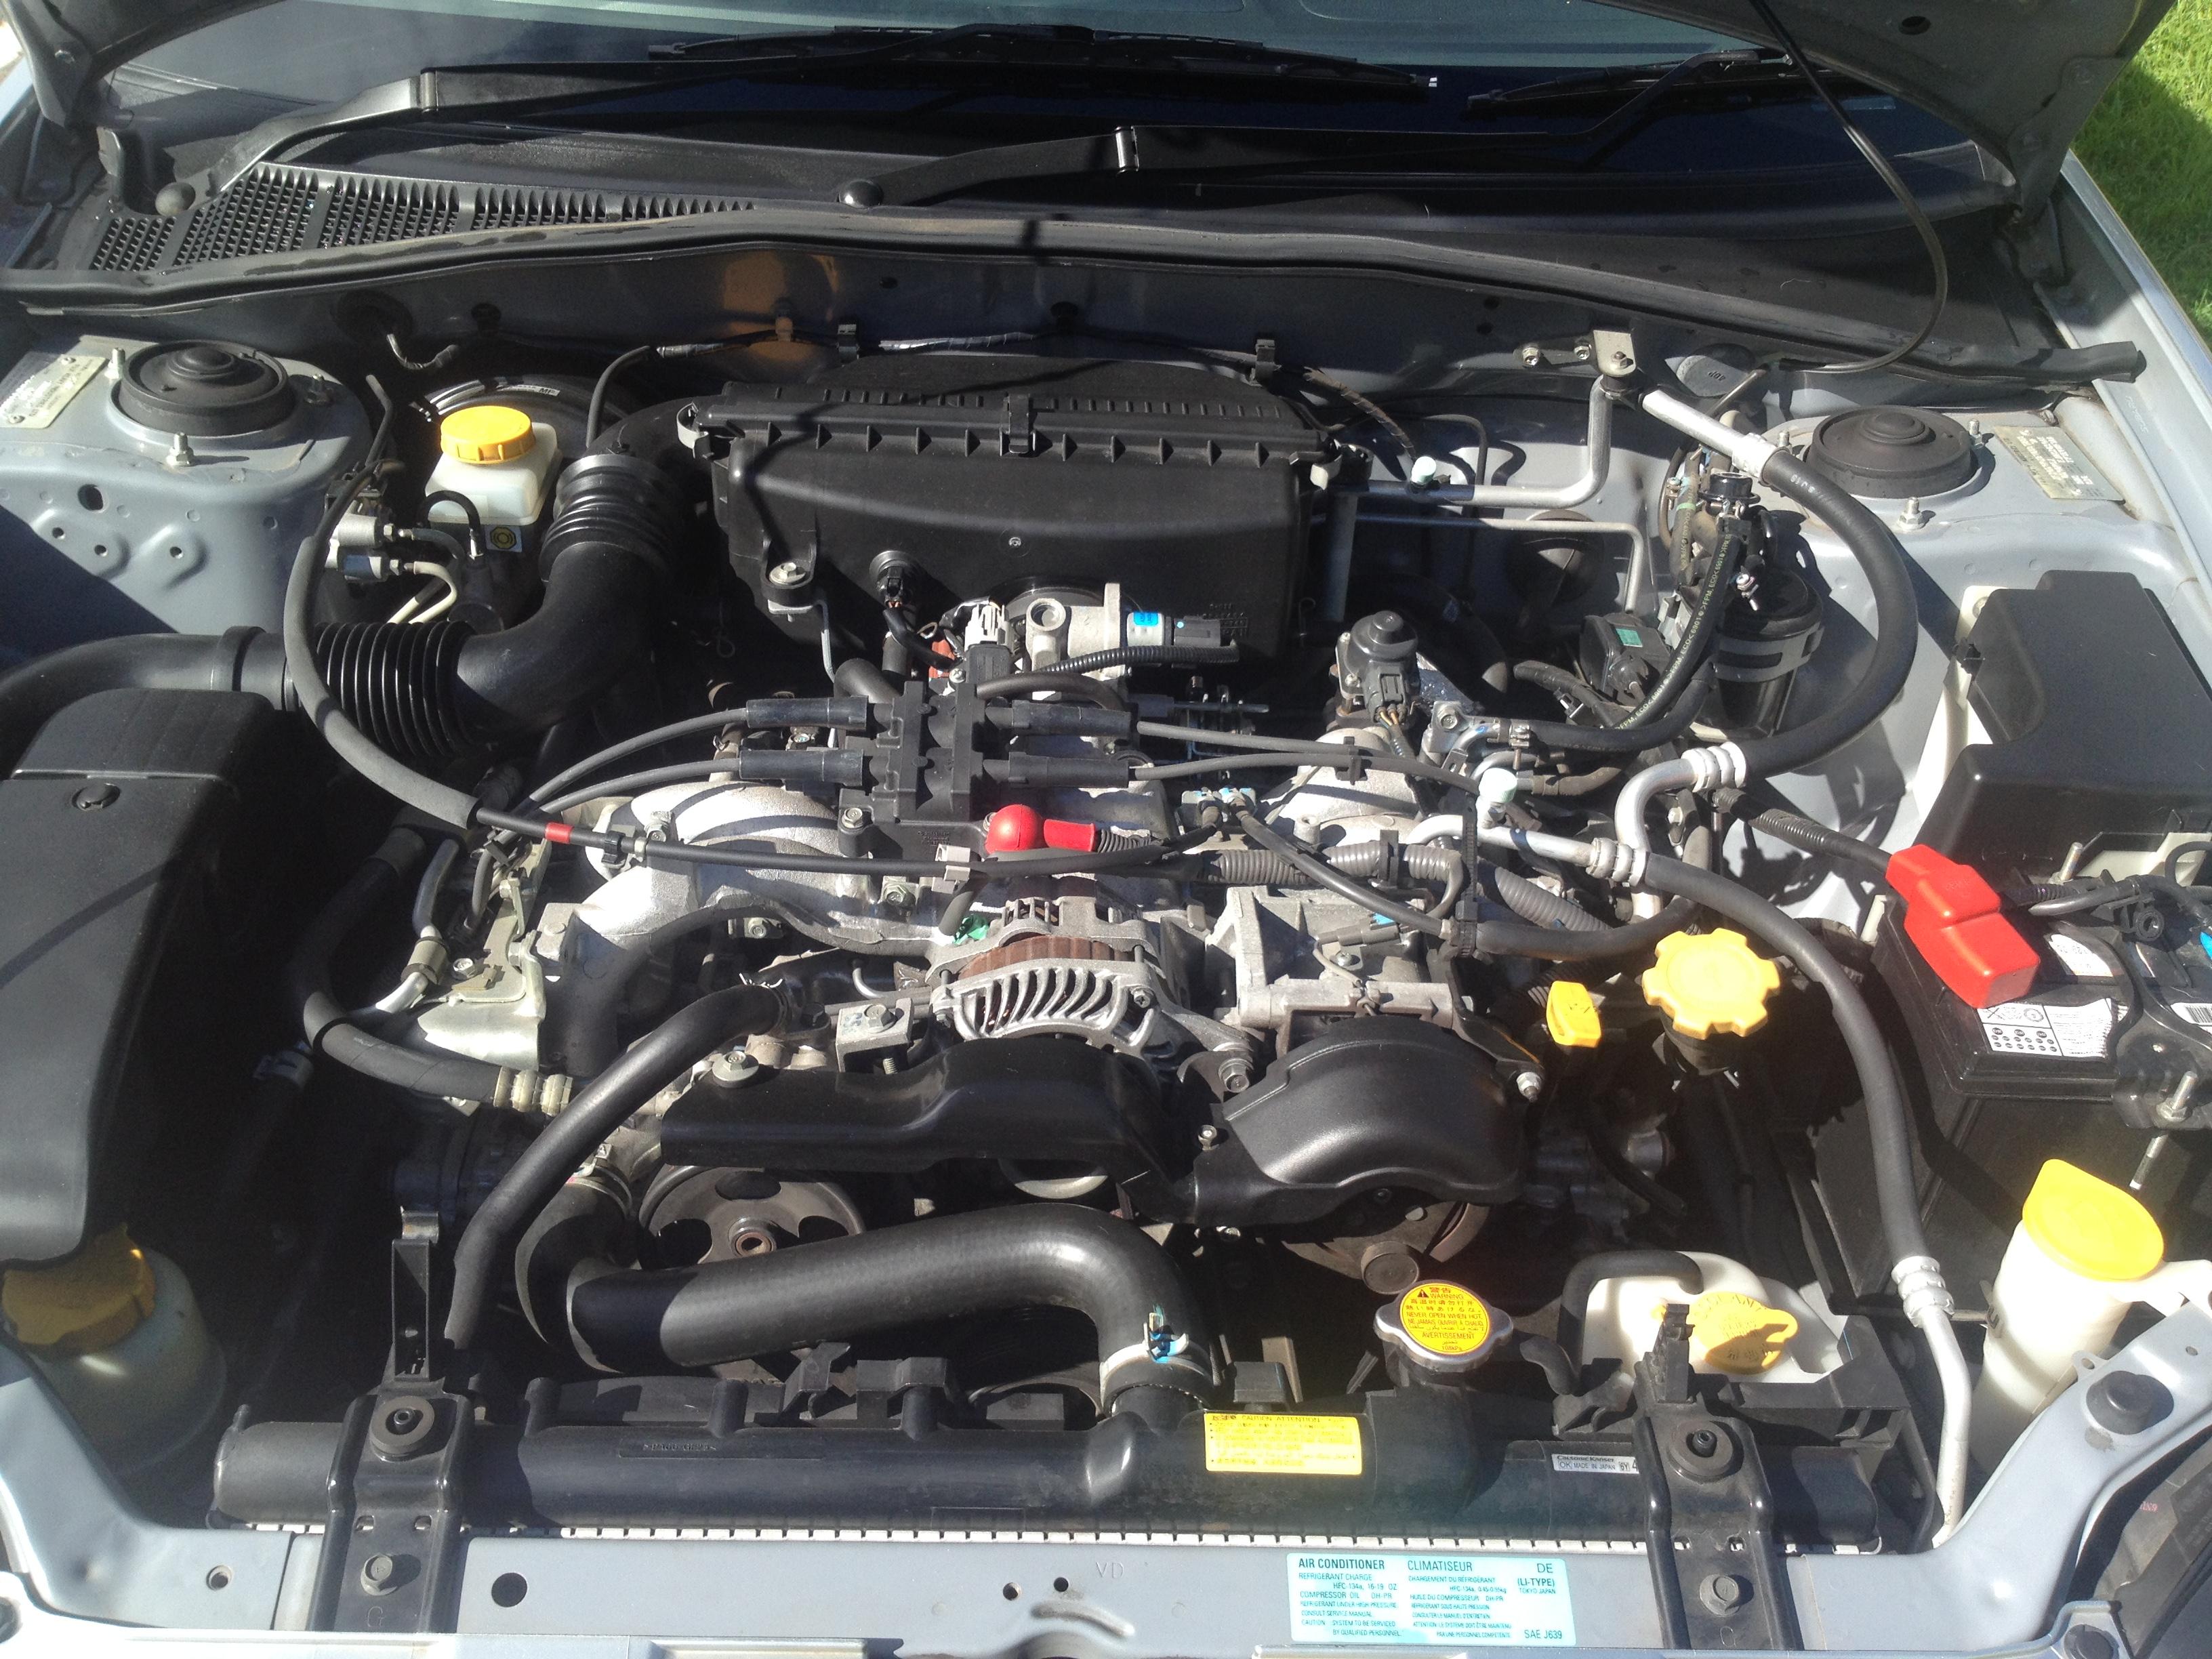 2007 Subaru Impreza 2 0I Luxury (AWD) MY07 | Car Sales NSW: Sydney #2638794